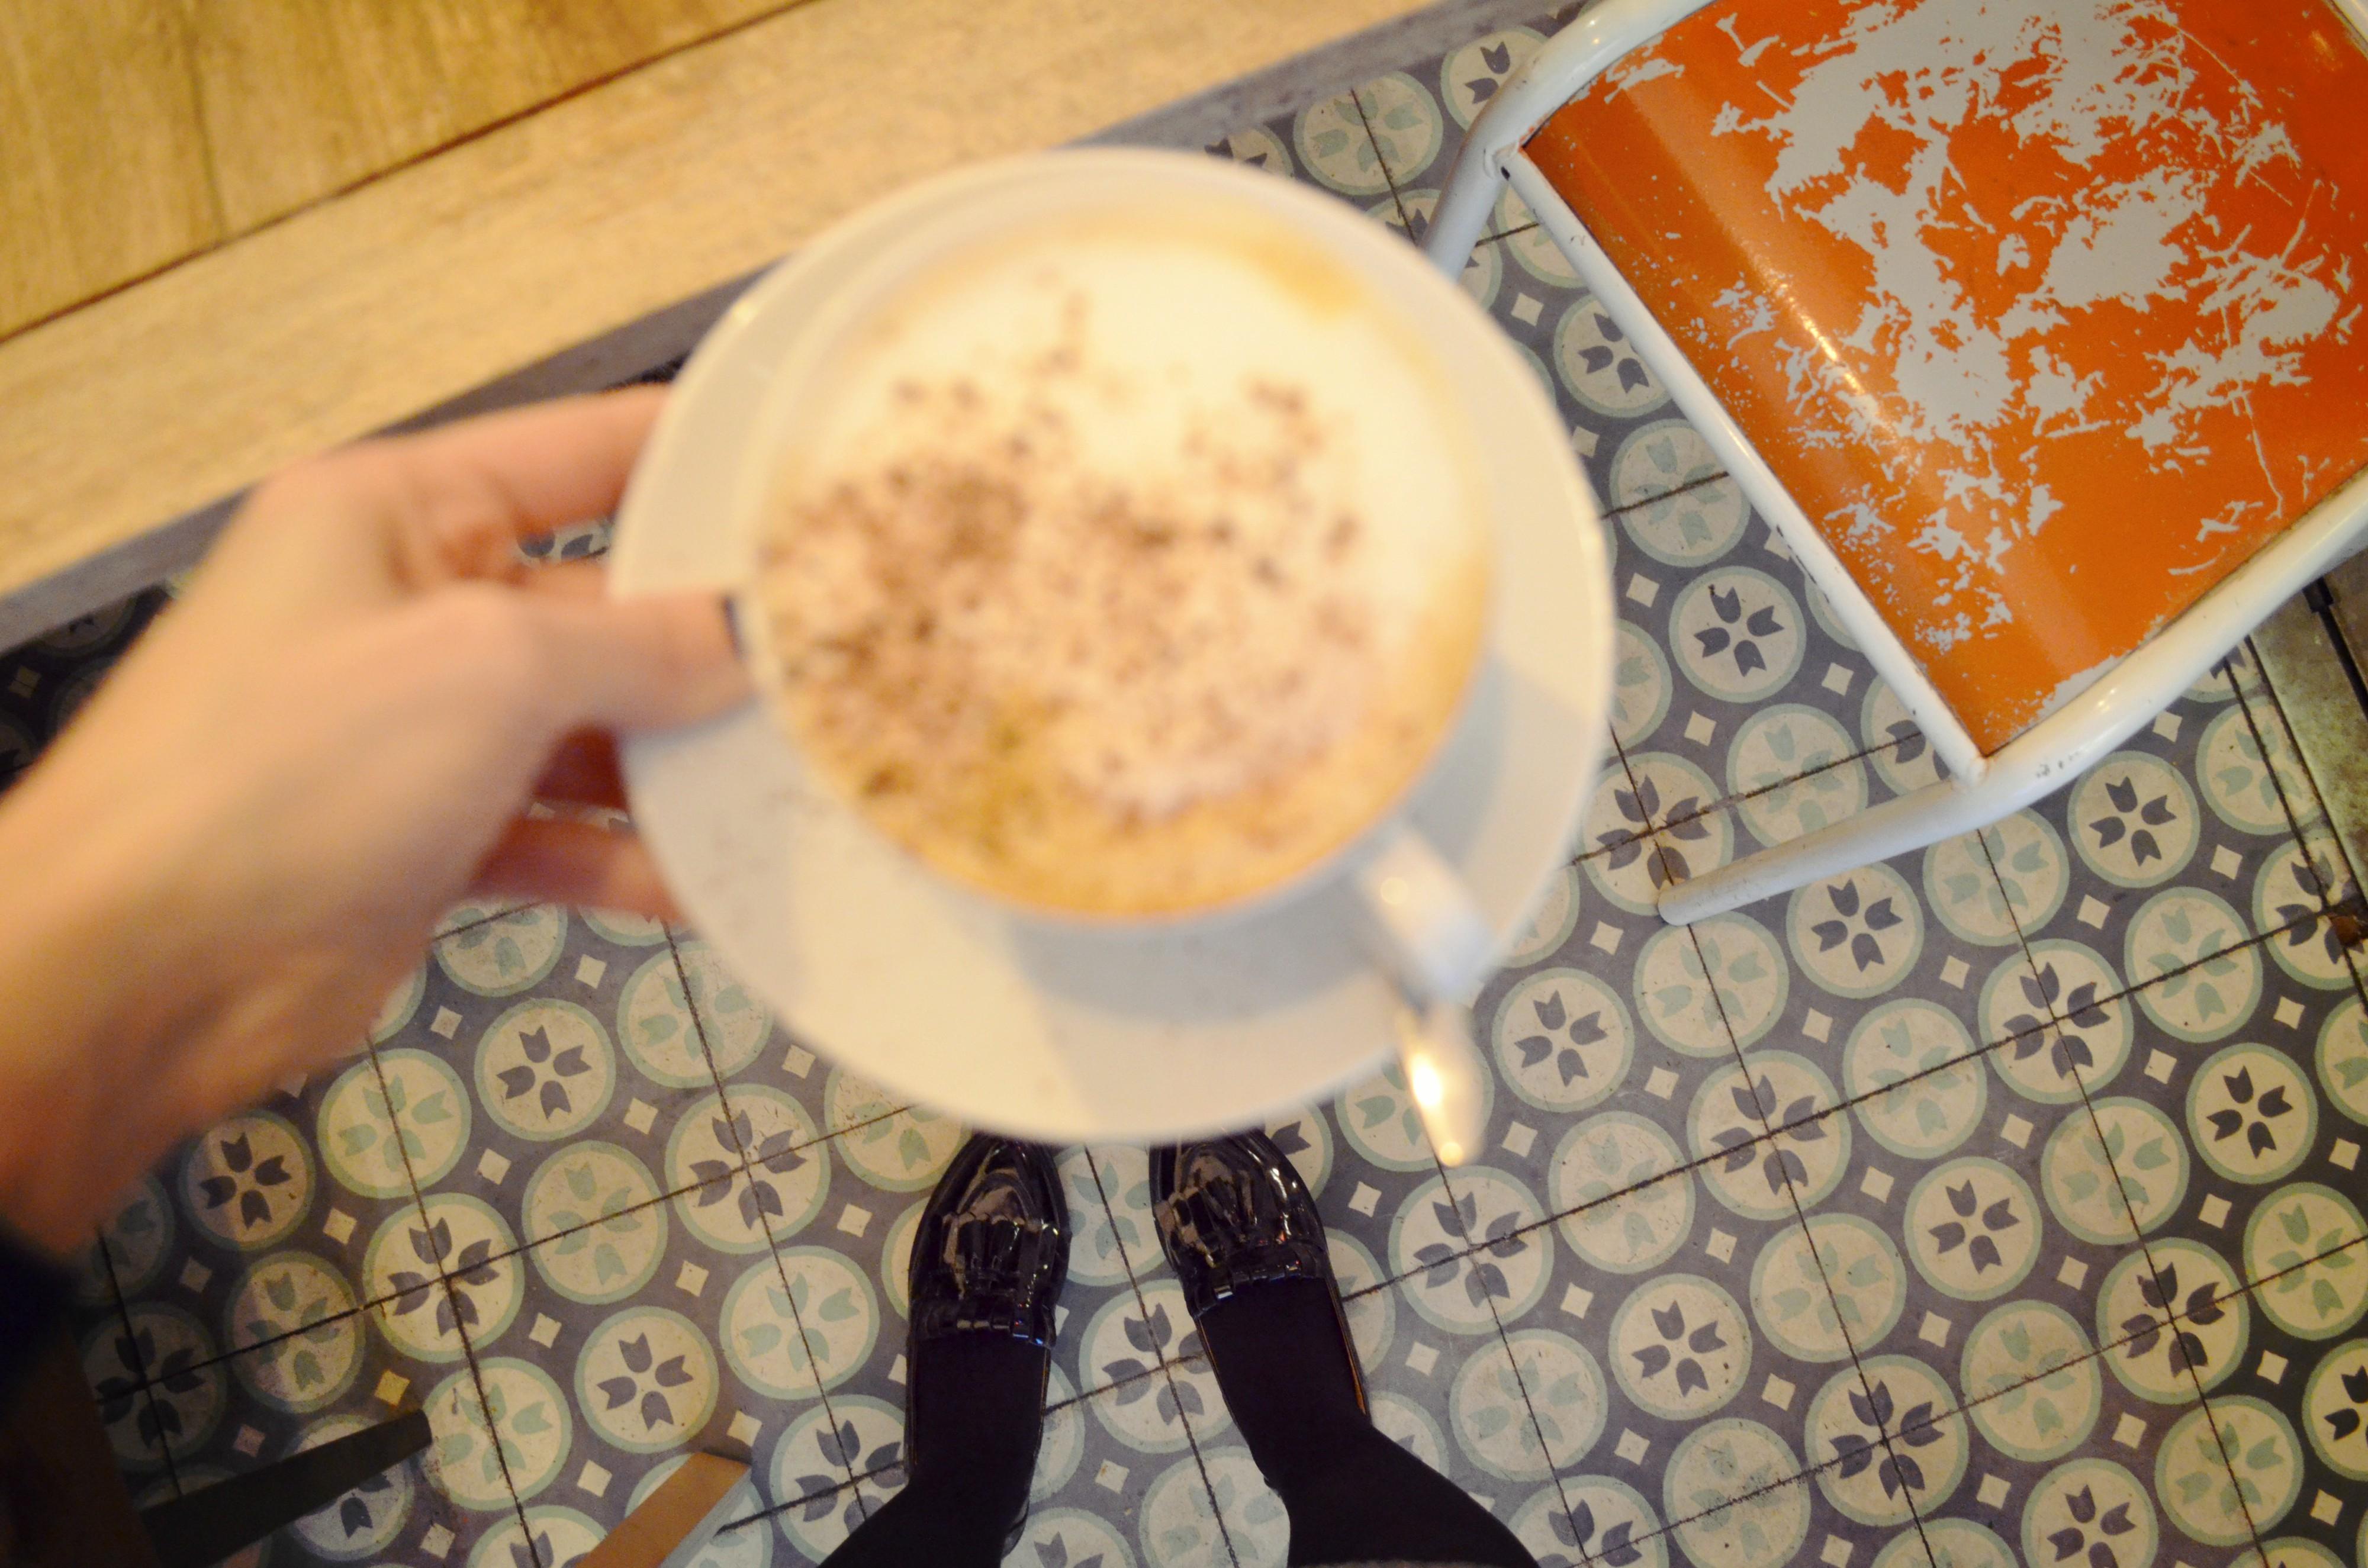 Blog-de-moda-Chic-Adicta-ChicAdicta-hipster-coffee-La-Verbena-Madrid-mocasines-vintage-Parfois-cafe-retro-PiensaenChic-Piensa-en-Chic